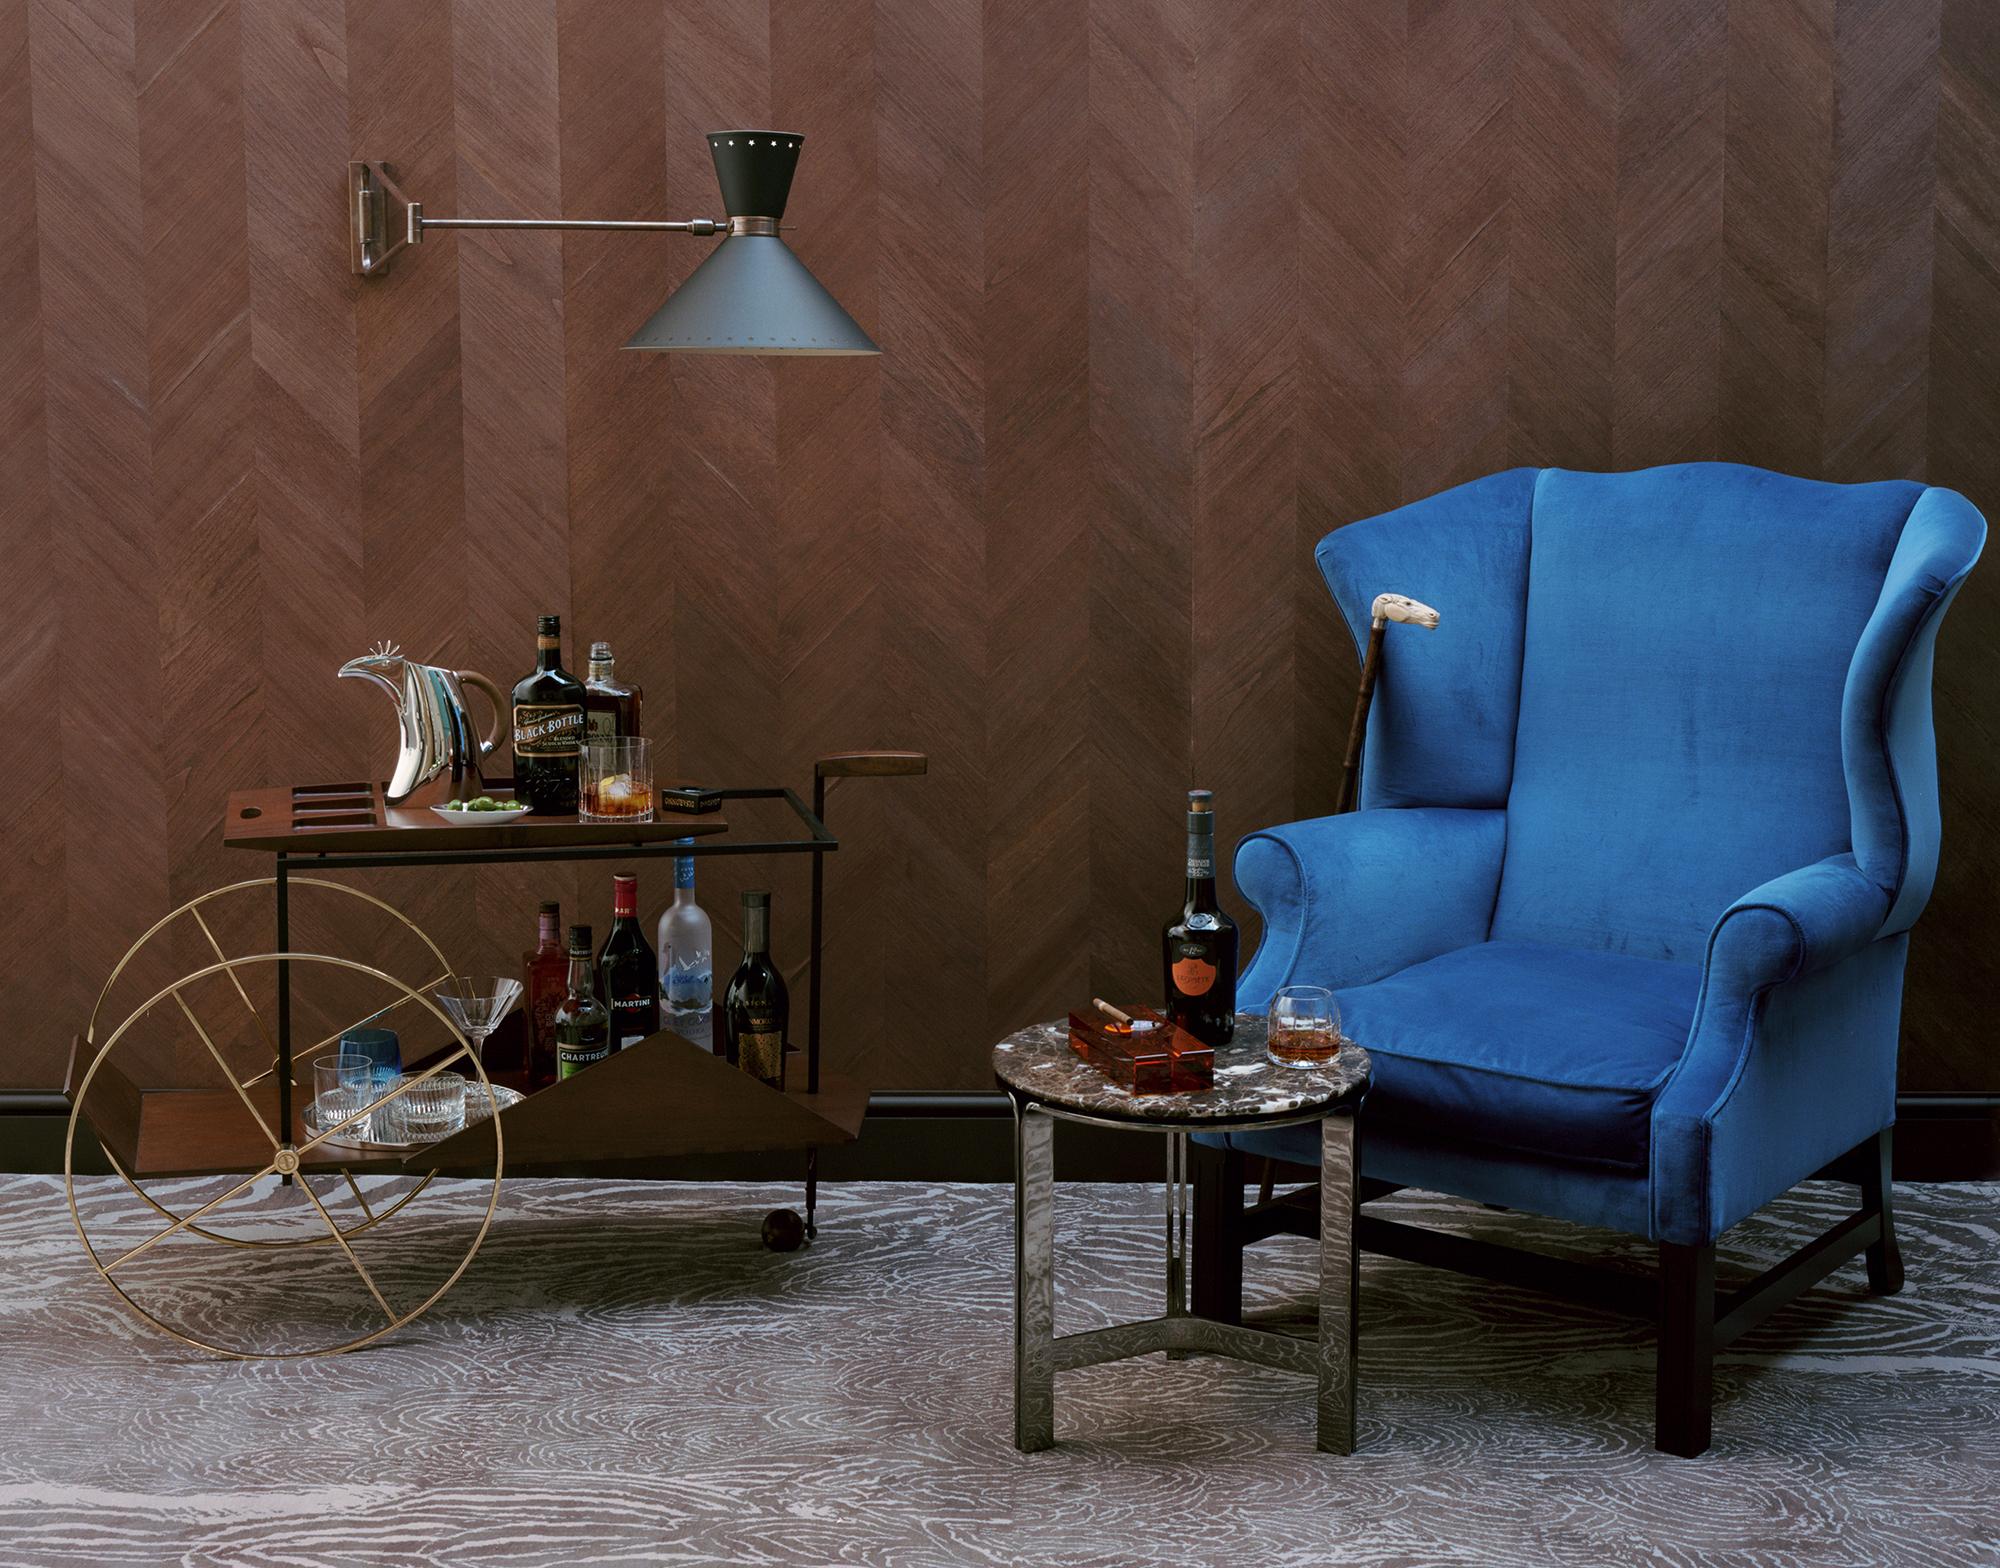 Красивое сочетание пряного и синего цвета в интерьере